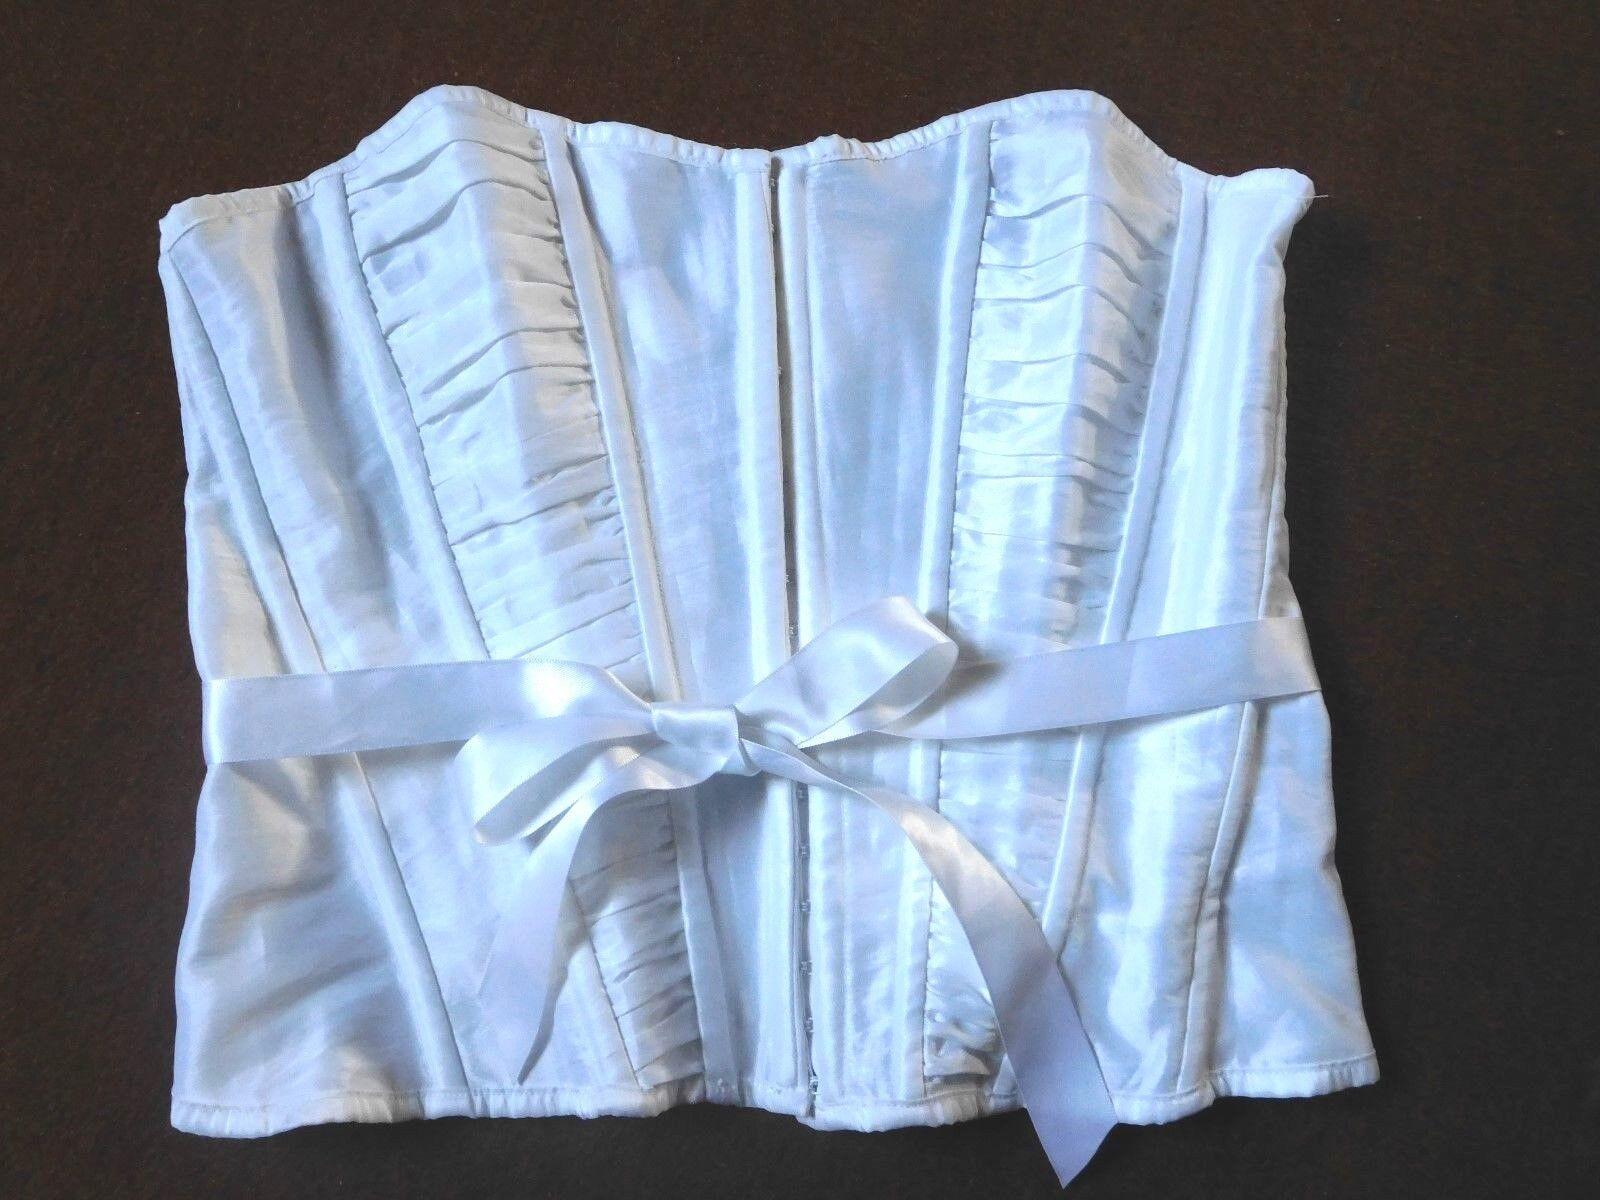 Schulterfreie weiße Corsage Gr.L (40 42) LA VIE EN Rosa Schnürung, Häkchen, Band